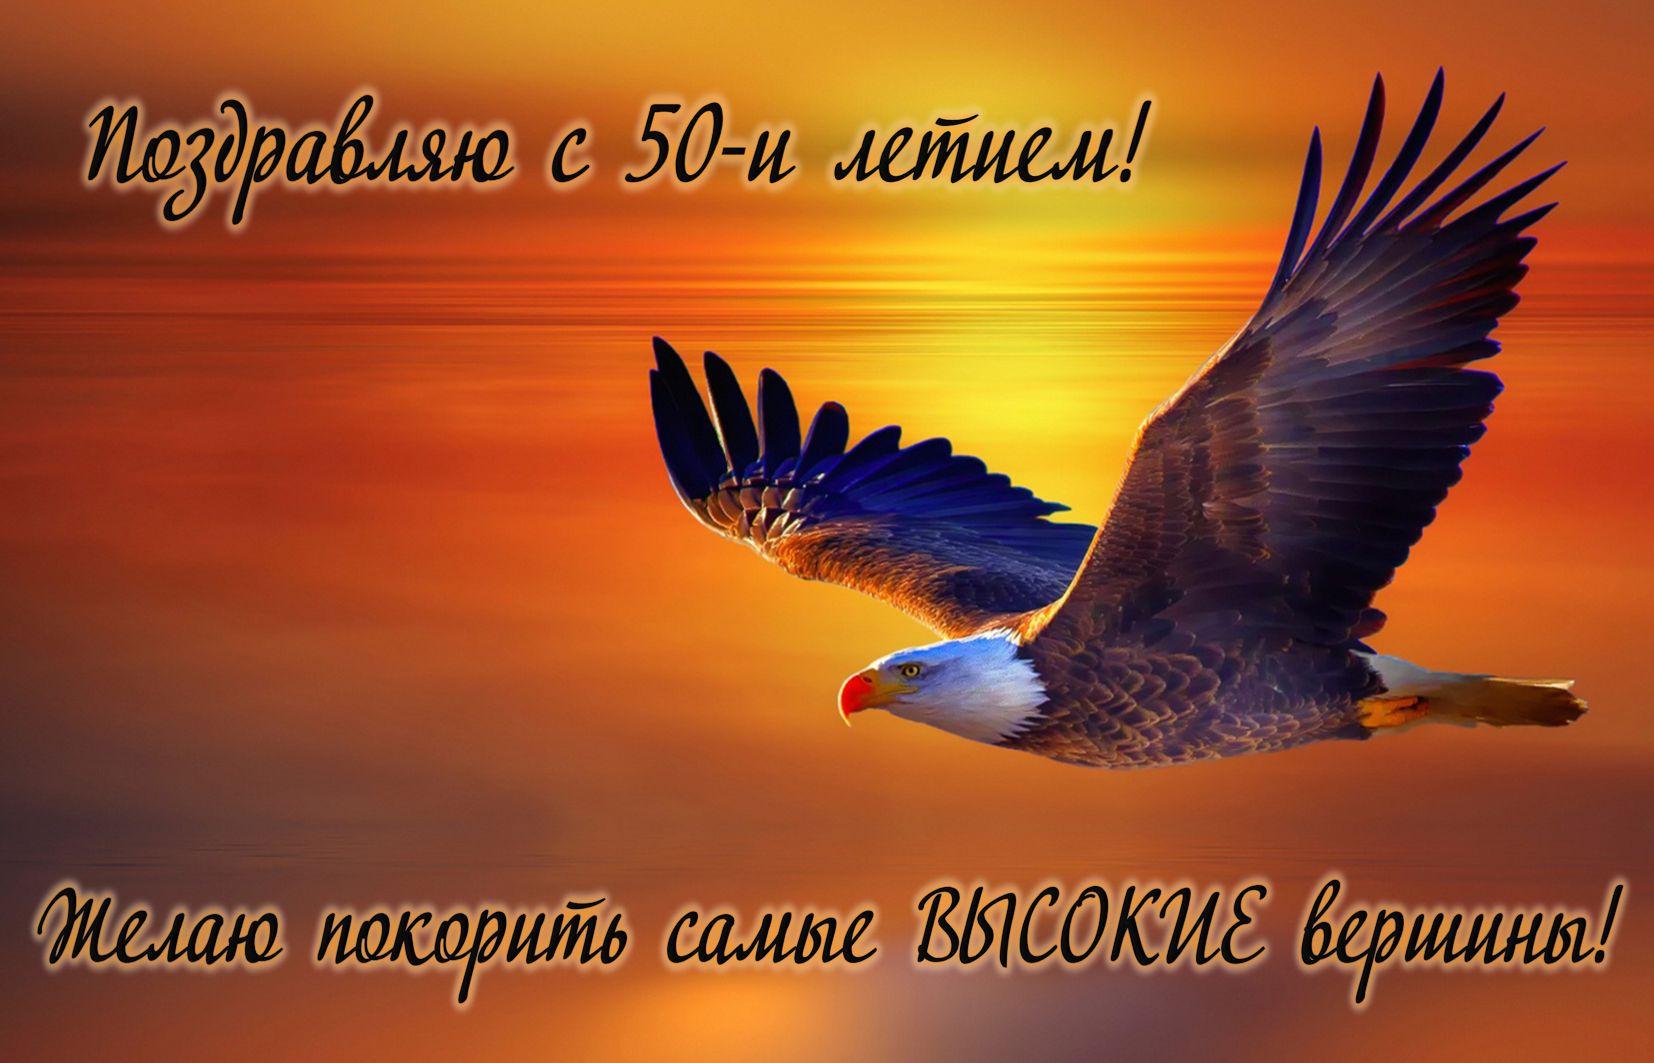 Открытка на юбилей 50 лет - парящий орел в золотом закатном небе